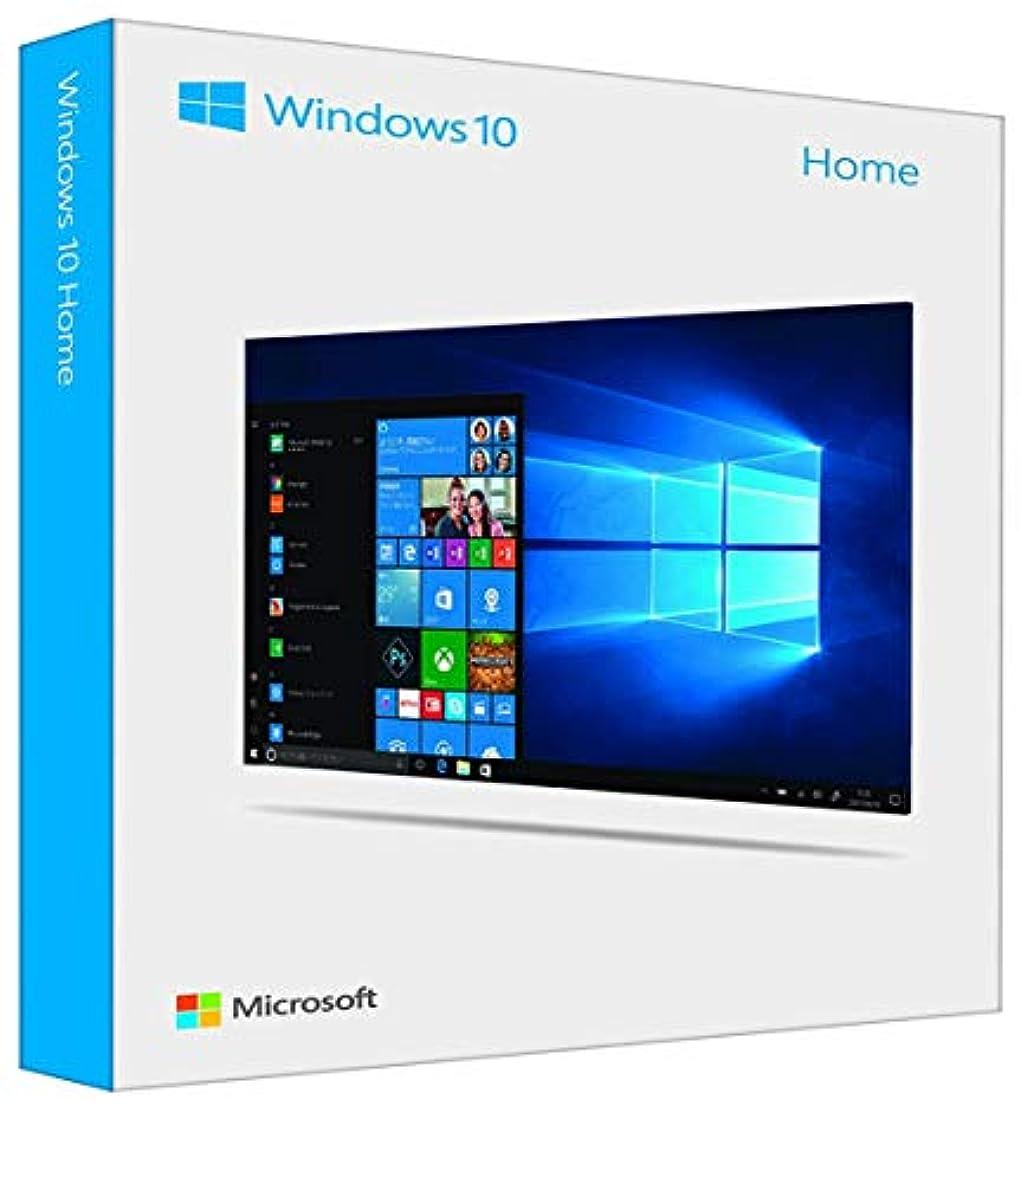 ハロウィンヒゲ怠Microsoft Windows 10 Home April 2018 Update適用(最新) 32bit/64bit 英語版/USBフラッシュドライブ